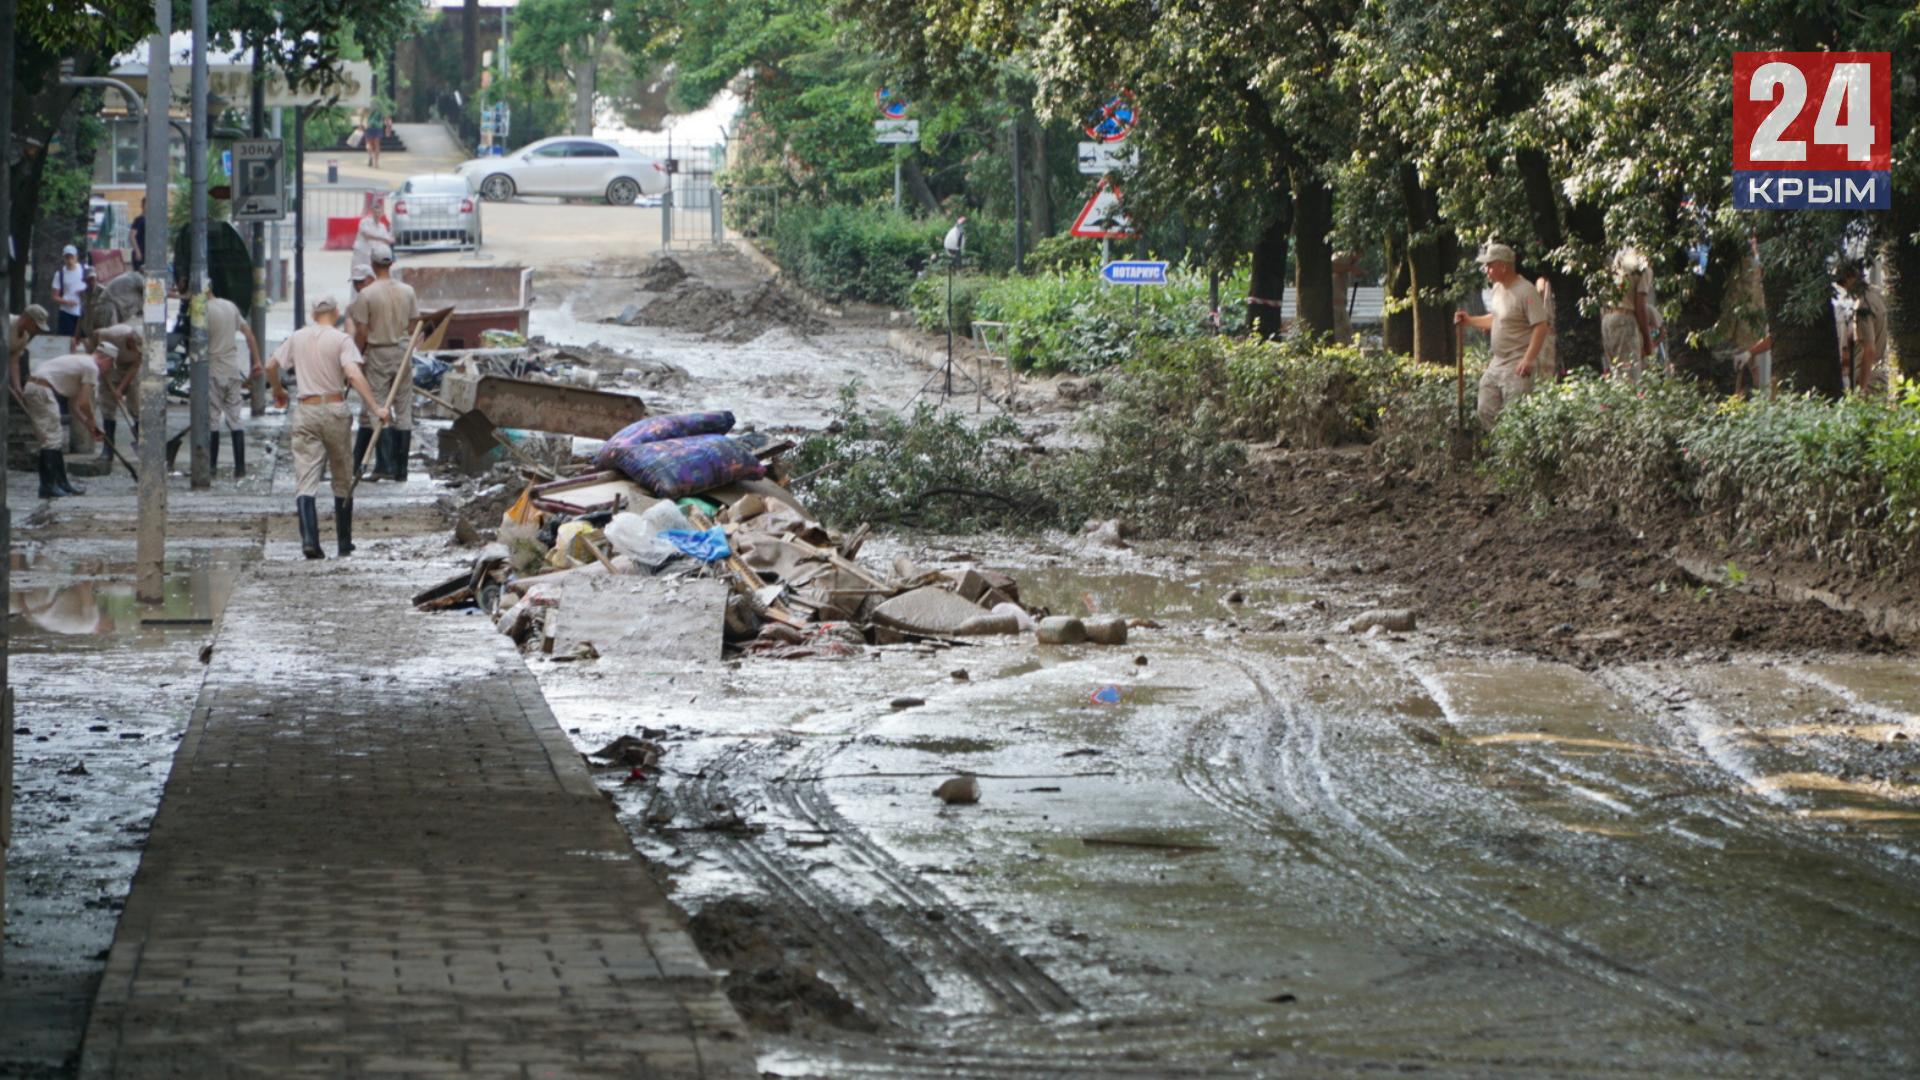 В Ялту прибыли ещё 200 спасателей МЧС для устранения последствий потопа